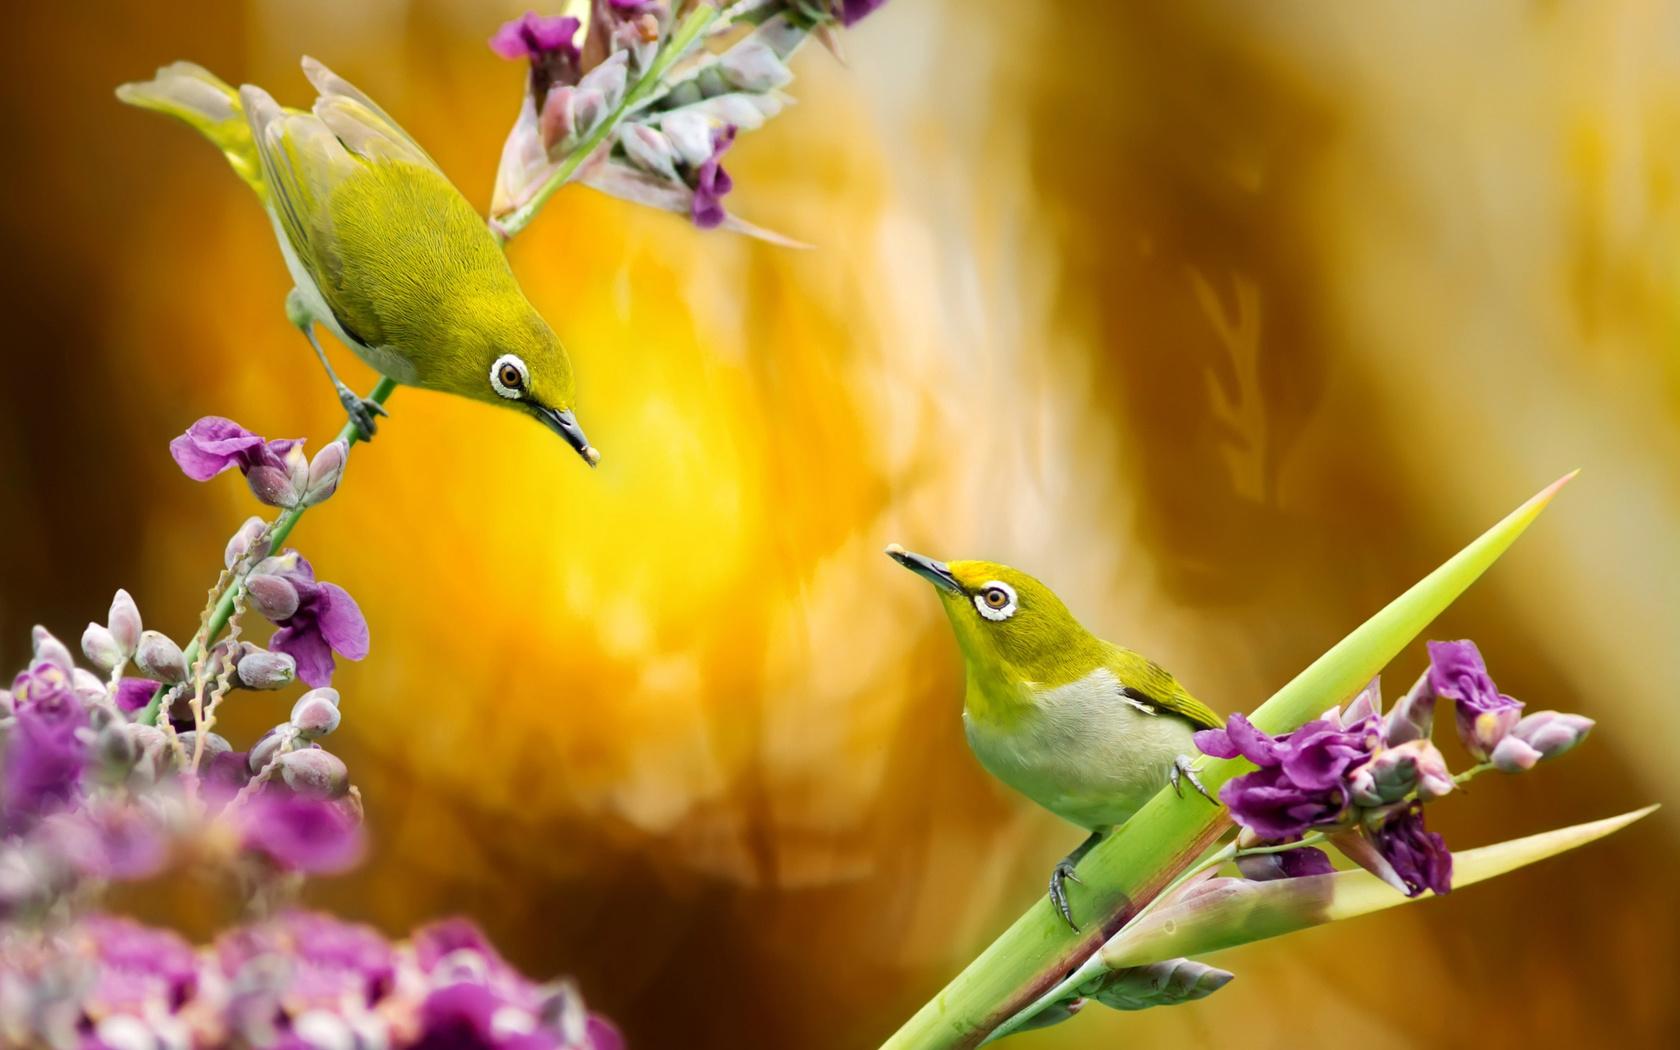 цветы, птицы, птицы мира, природа, пара, тайвань, белоглазка, fuyi chen, белый глаз